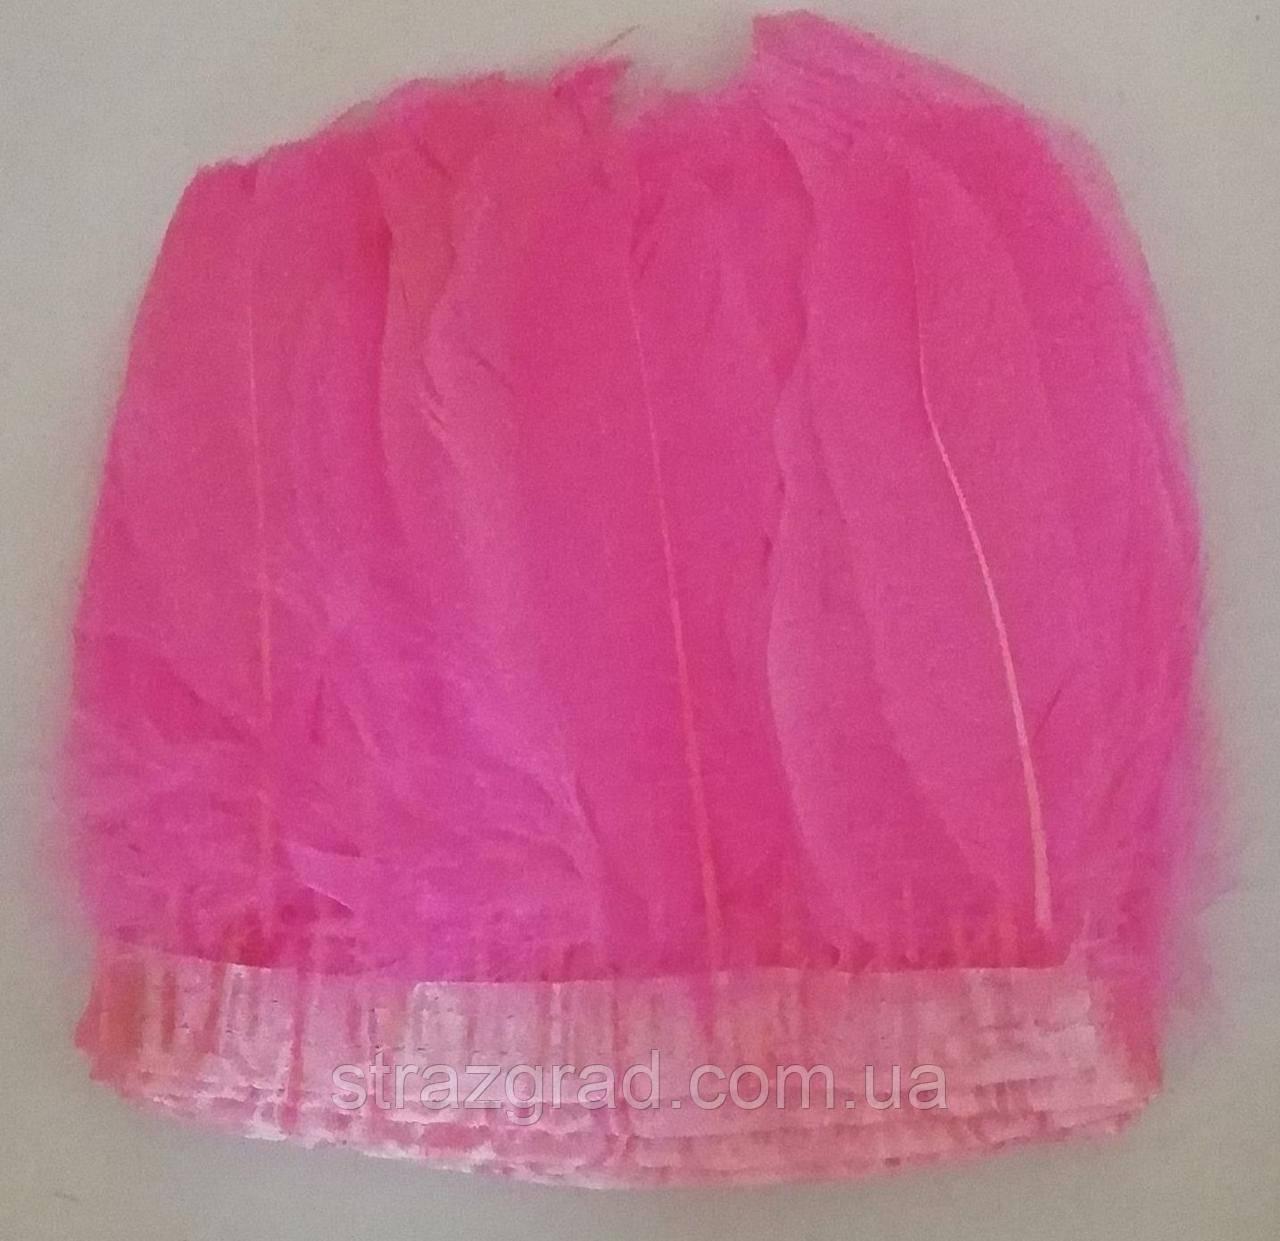 Перьевая тесьма из гусиных перьев Цвет Ярко Розовый Перо 16-20см Цена за 0,5м